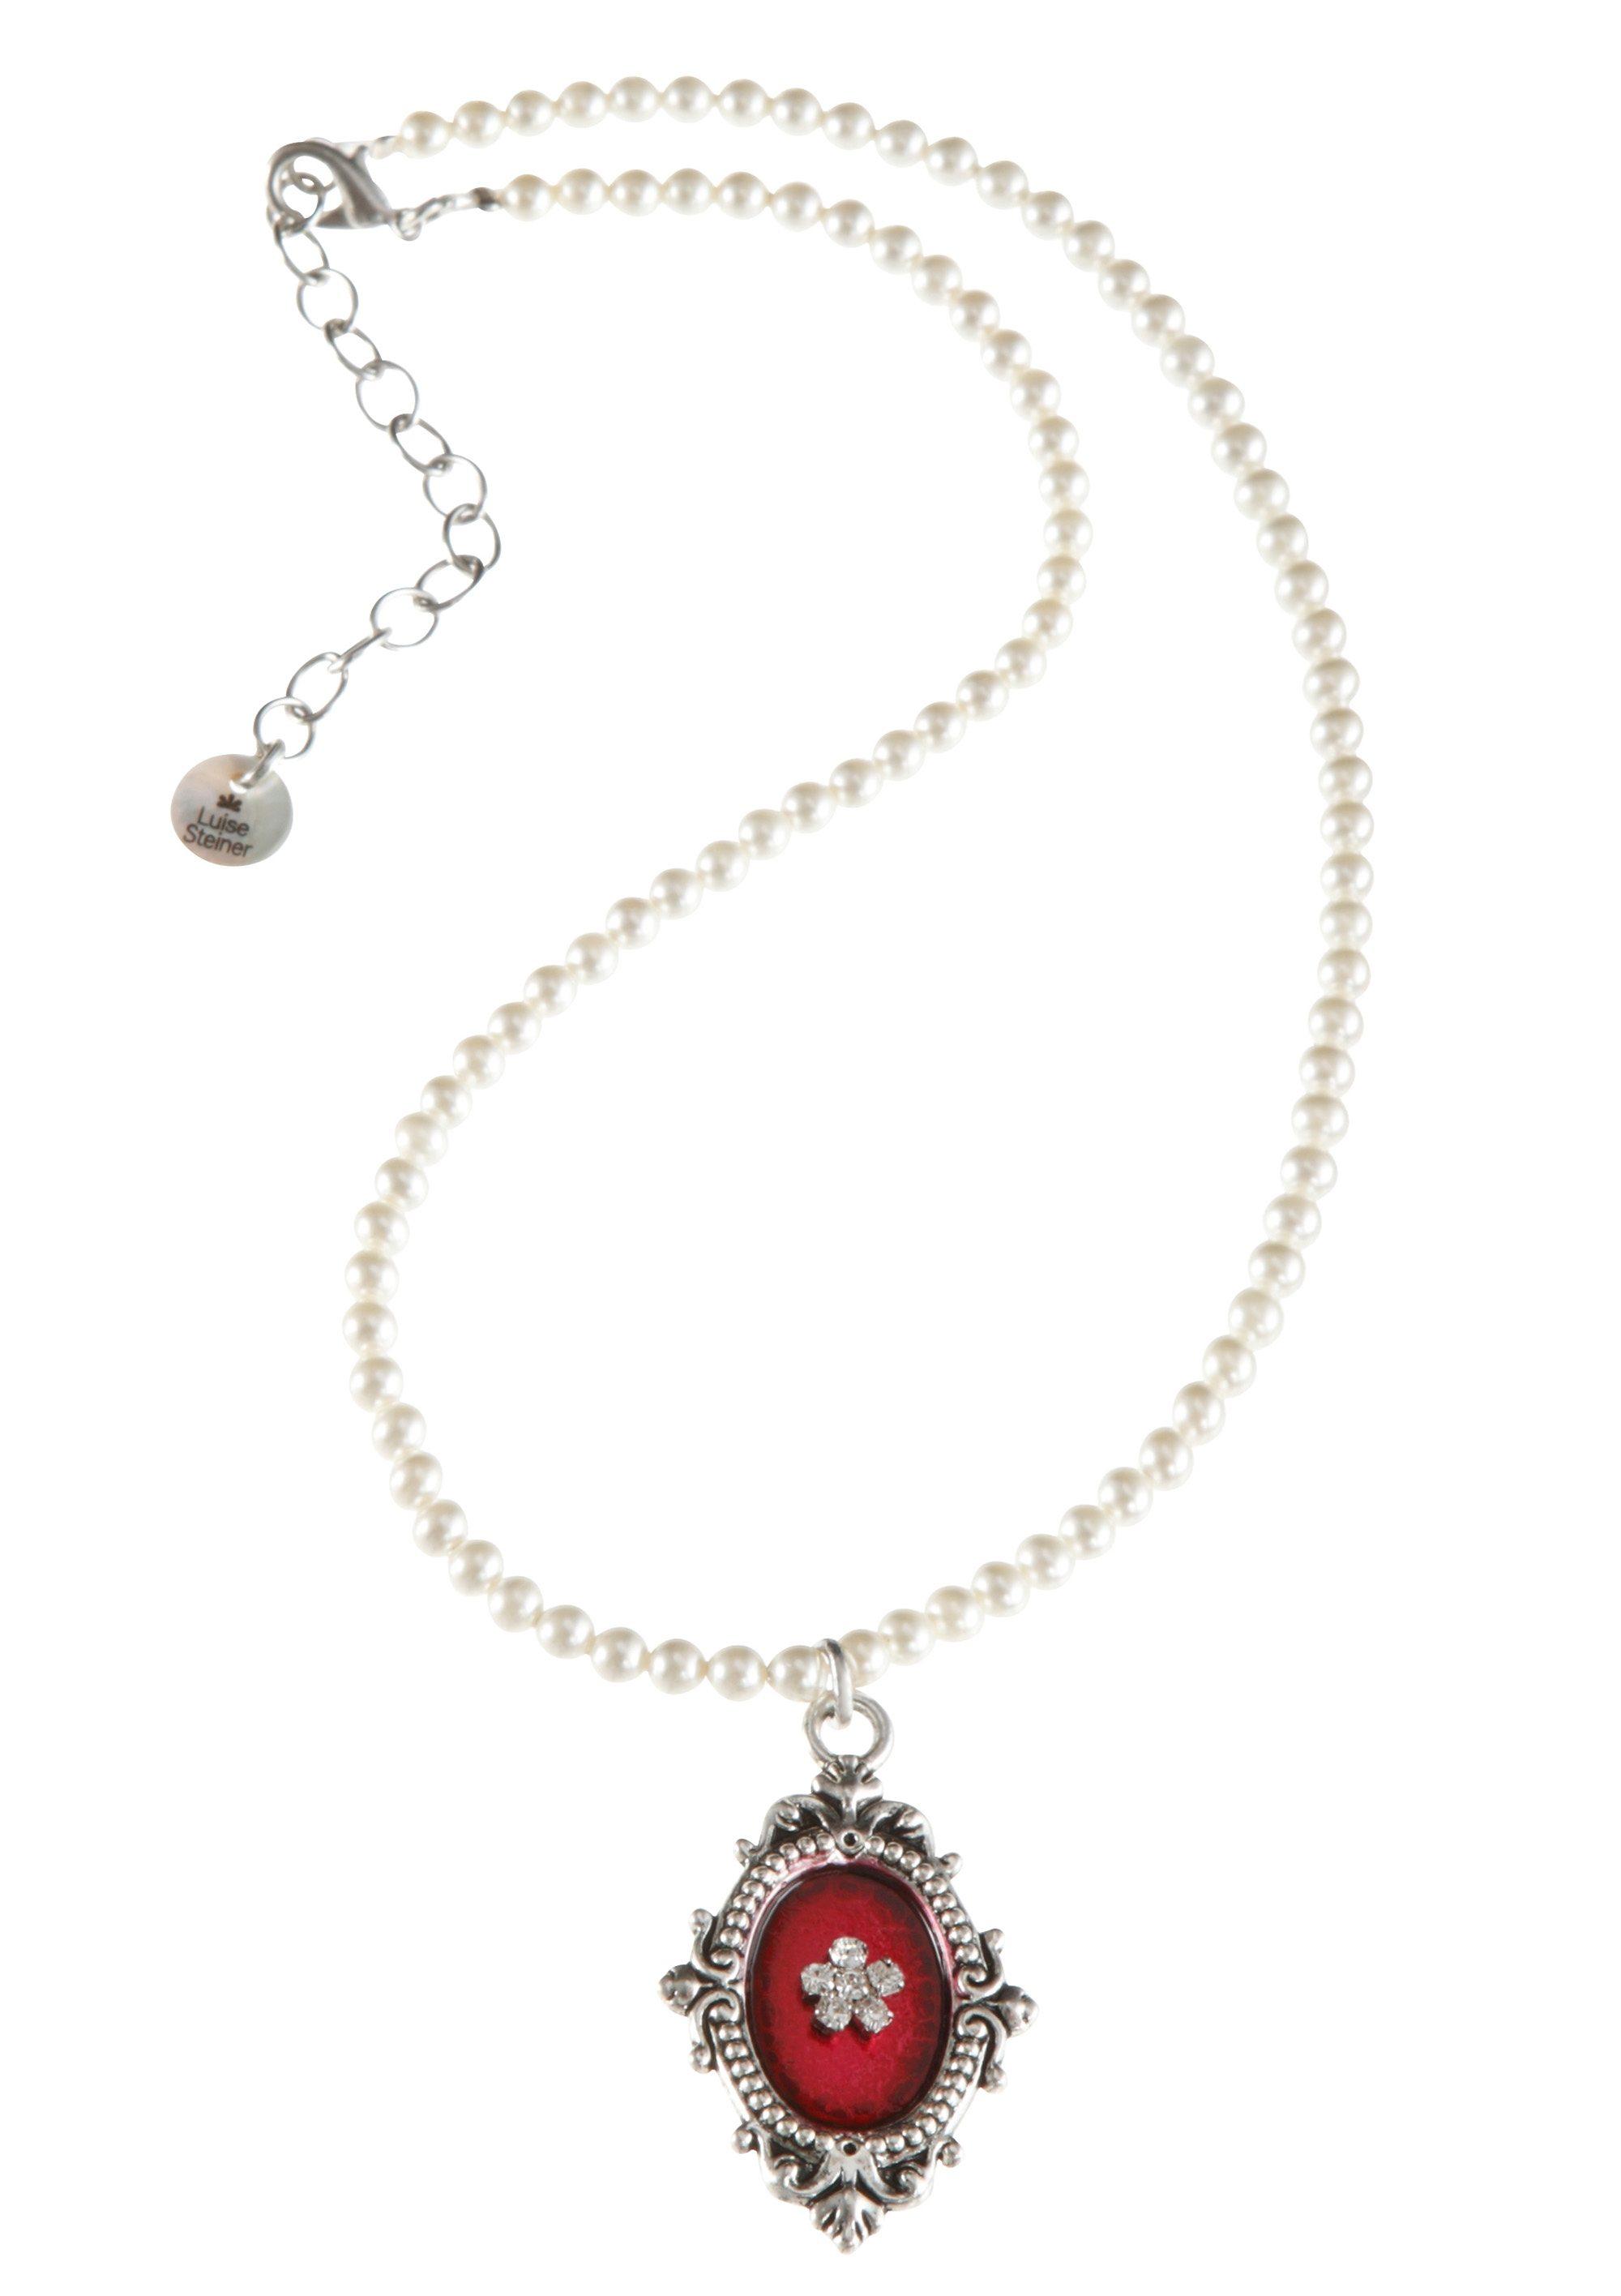 Trachten-Halskette mit Medaillonanhänger